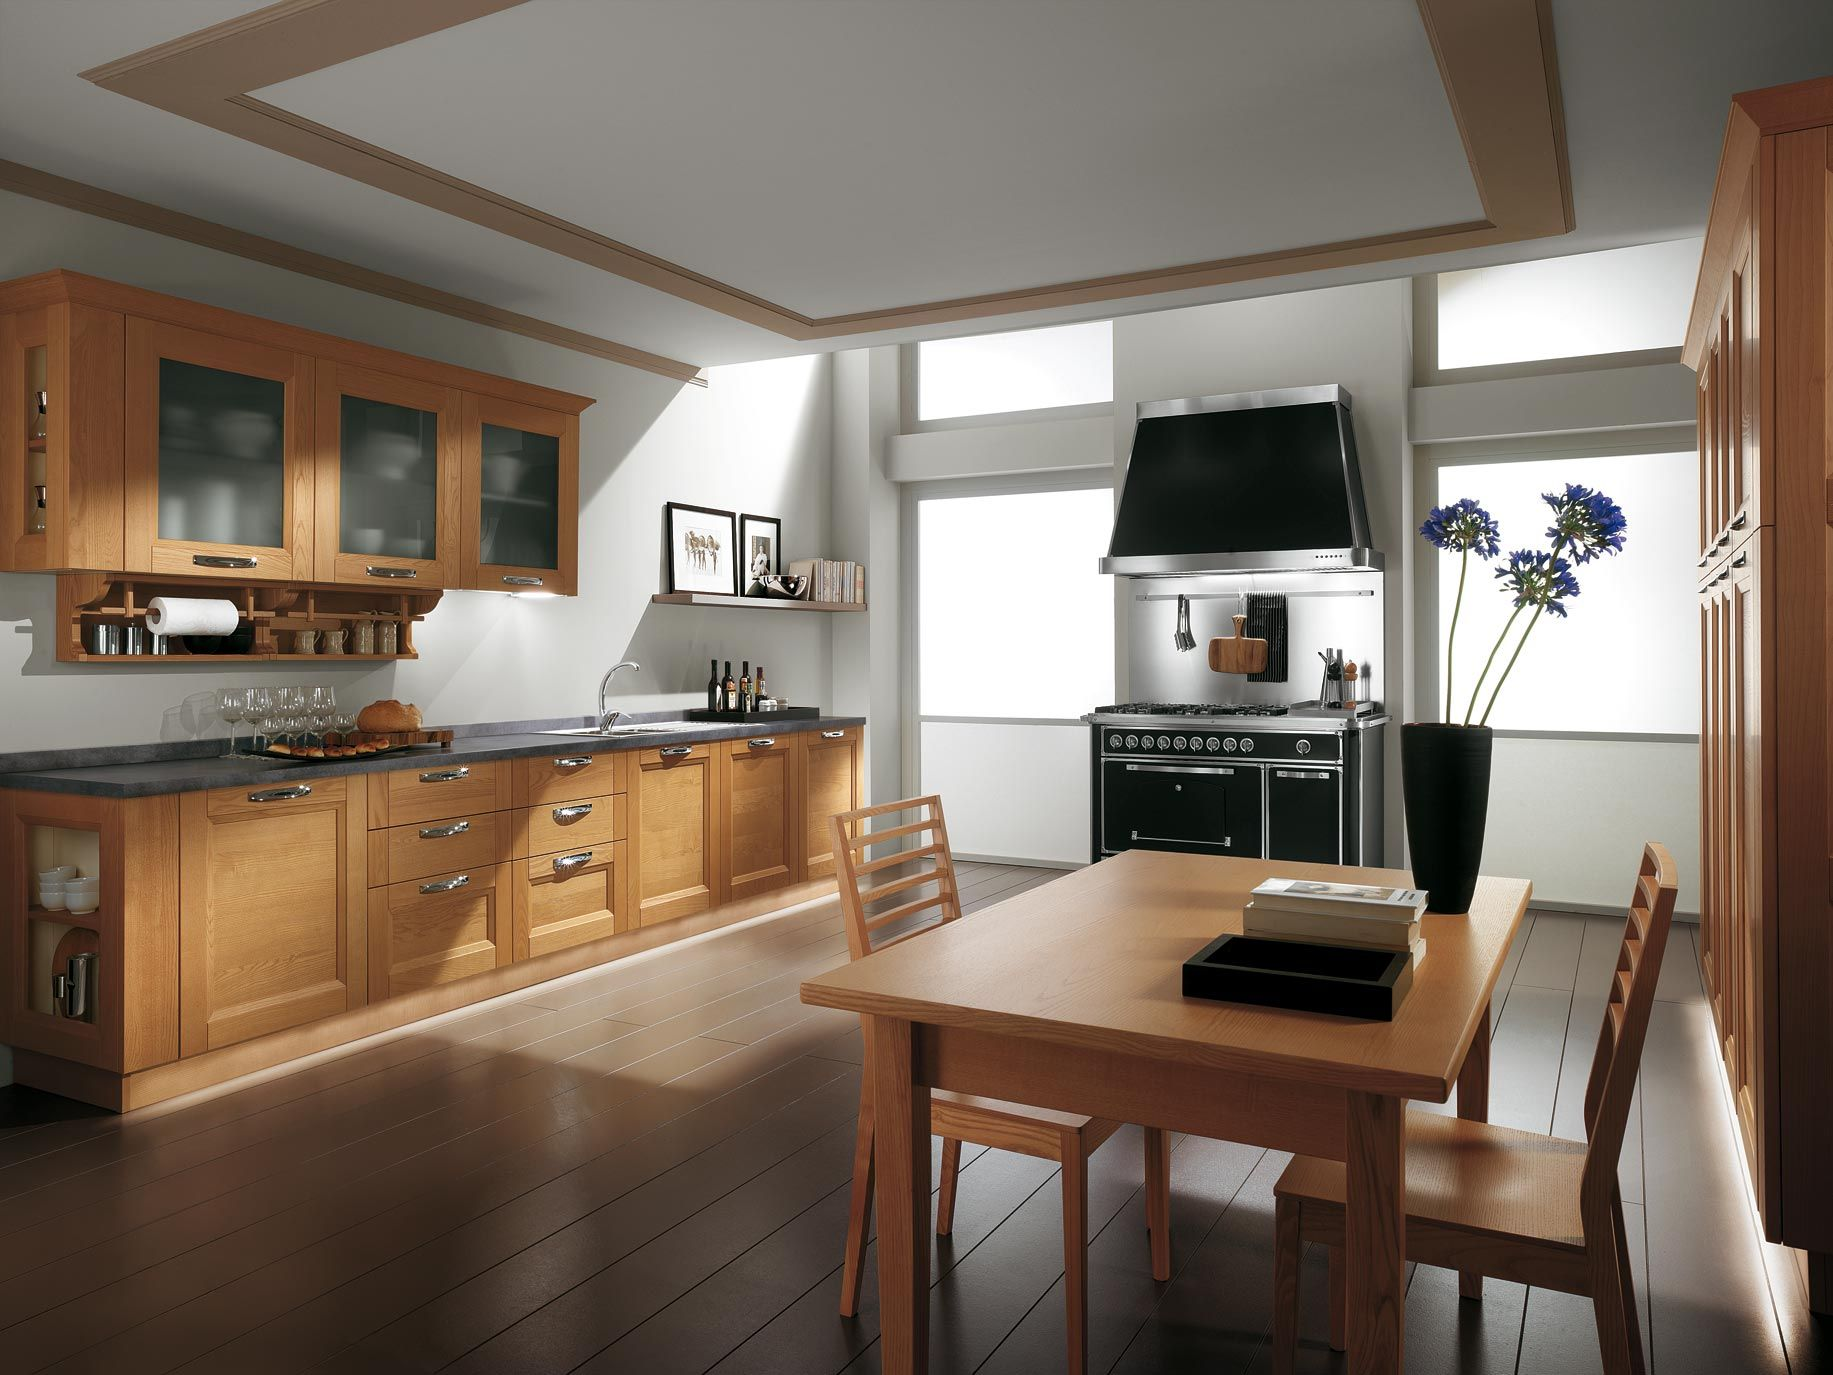 La nostra #CucinaGiulia prevede estetica, flessibilita\' e ...